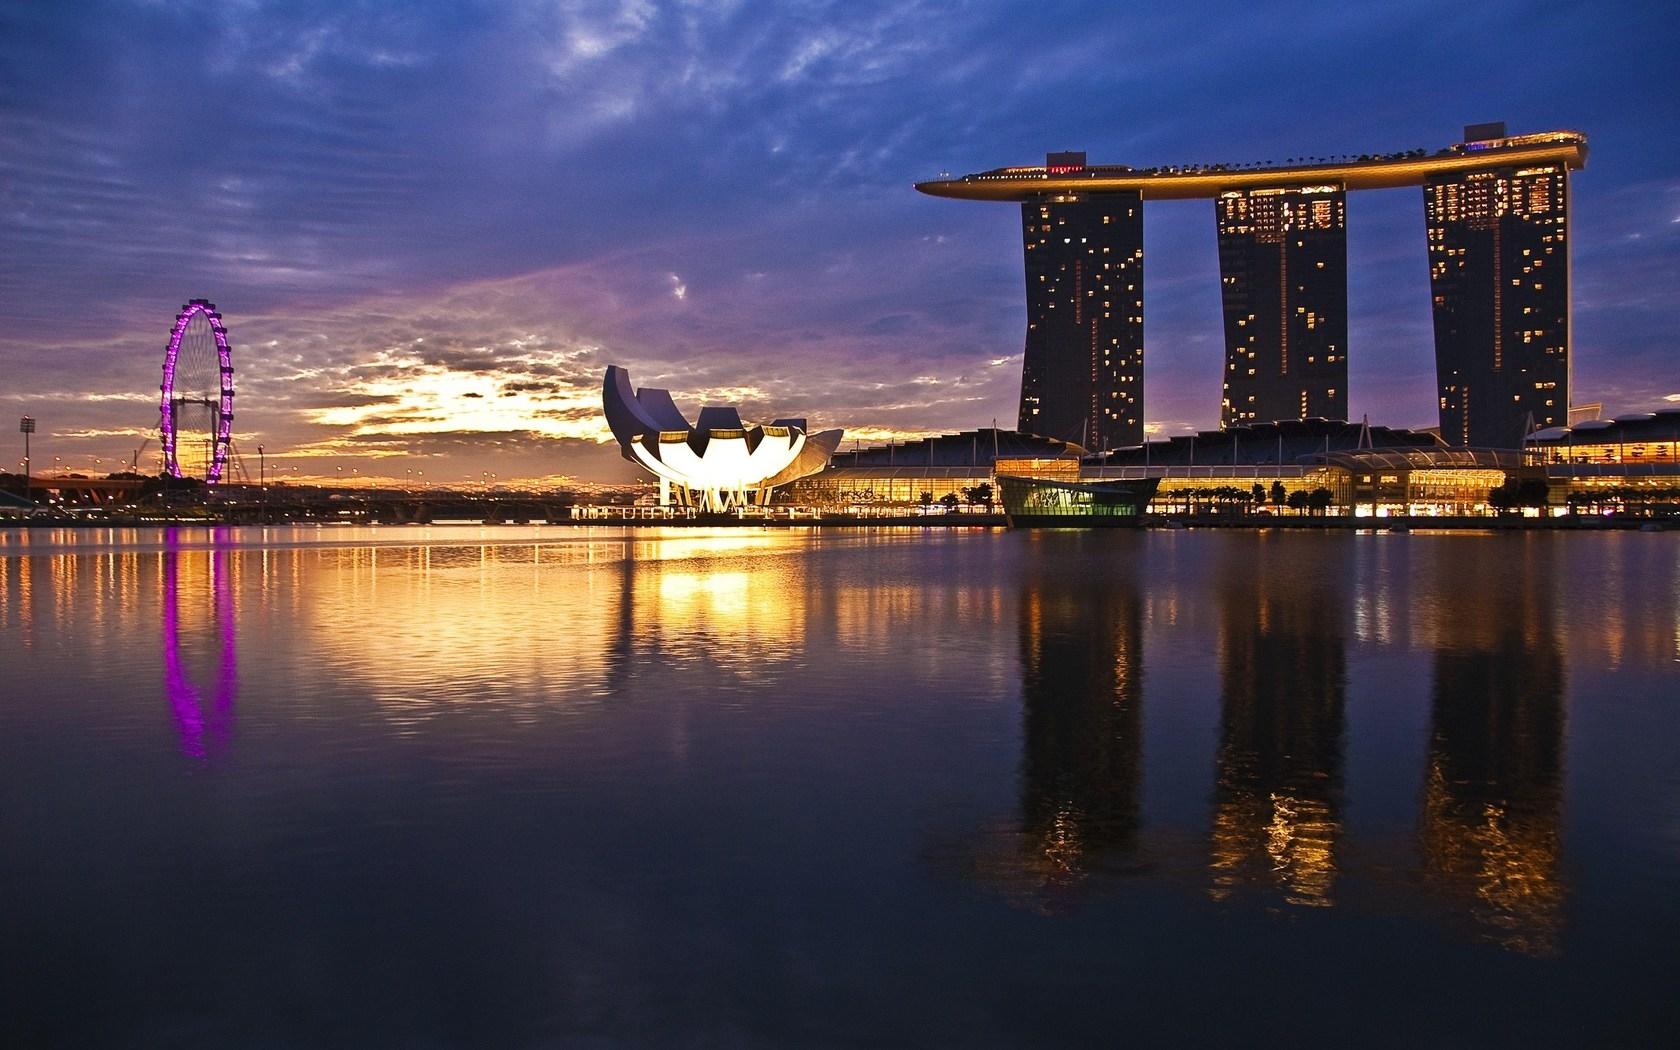 руны красивые фото на фоне сингапура так постепенно сниматься